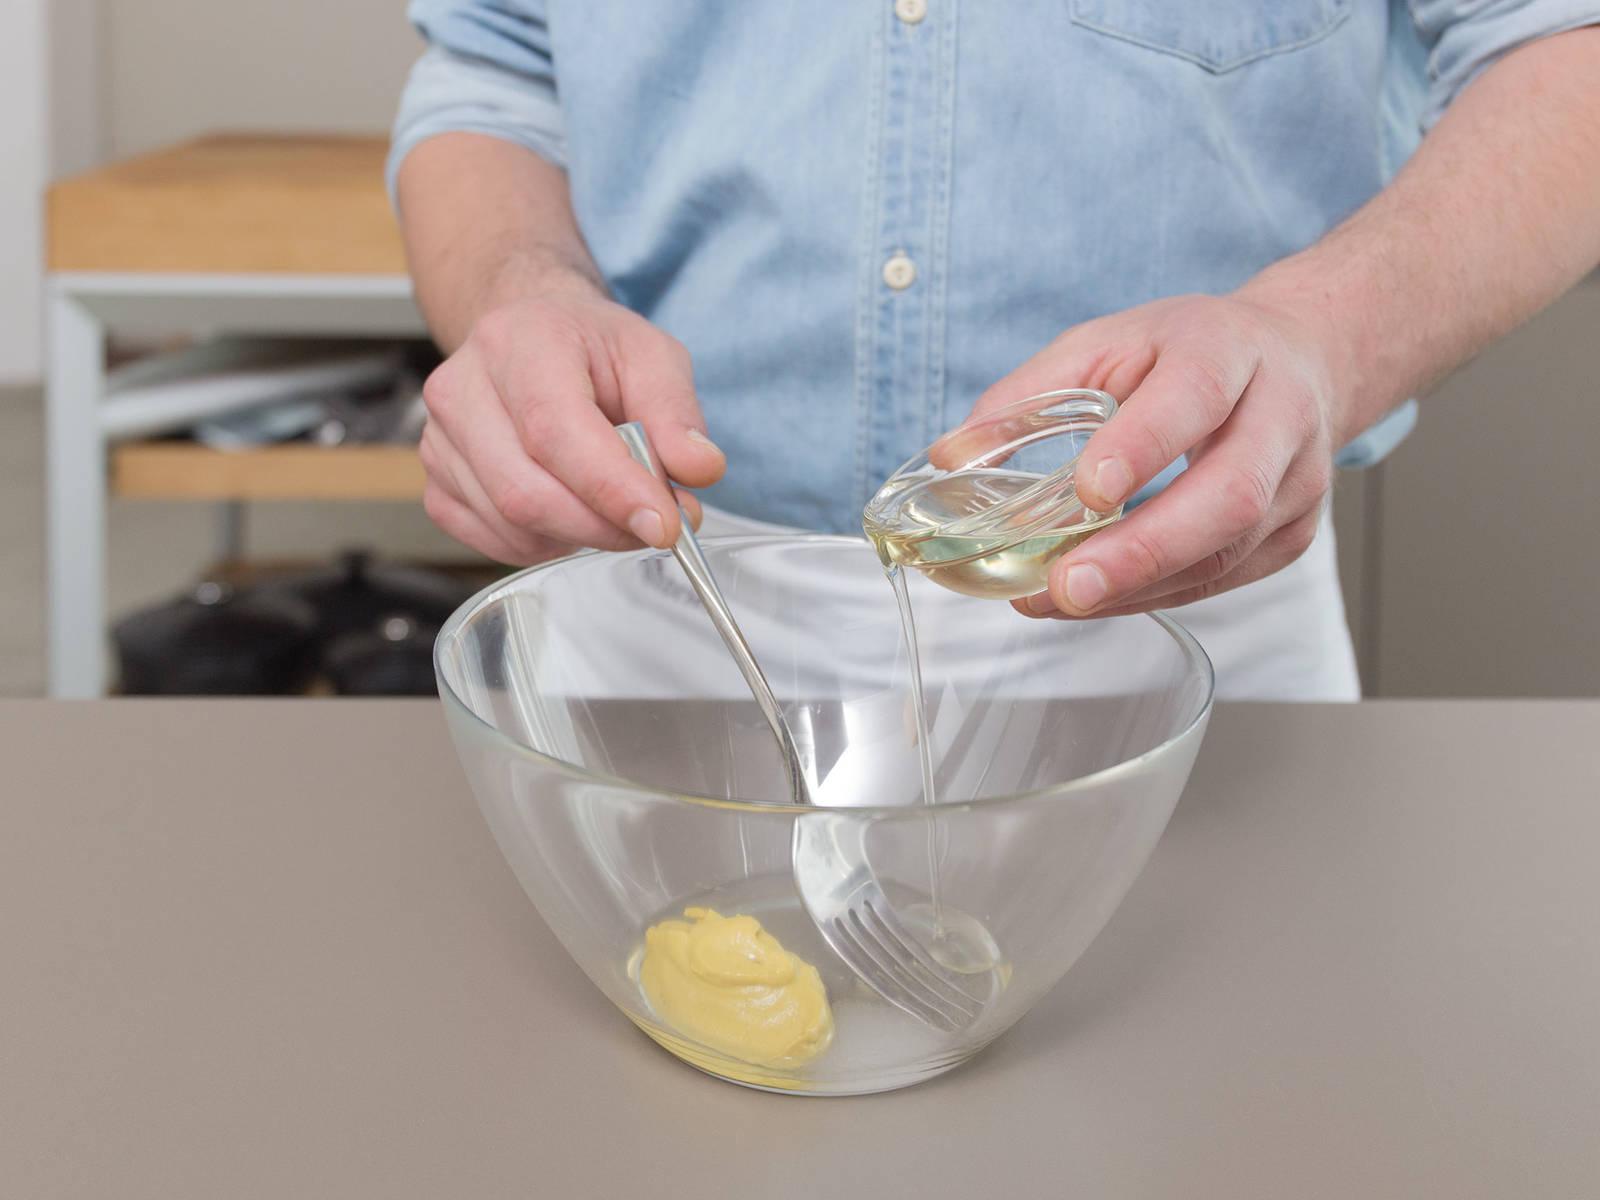 制作调料。将葡萄籽油,芥末酱,醋,水和一些糖放入小搅拌碗,混合均匀。